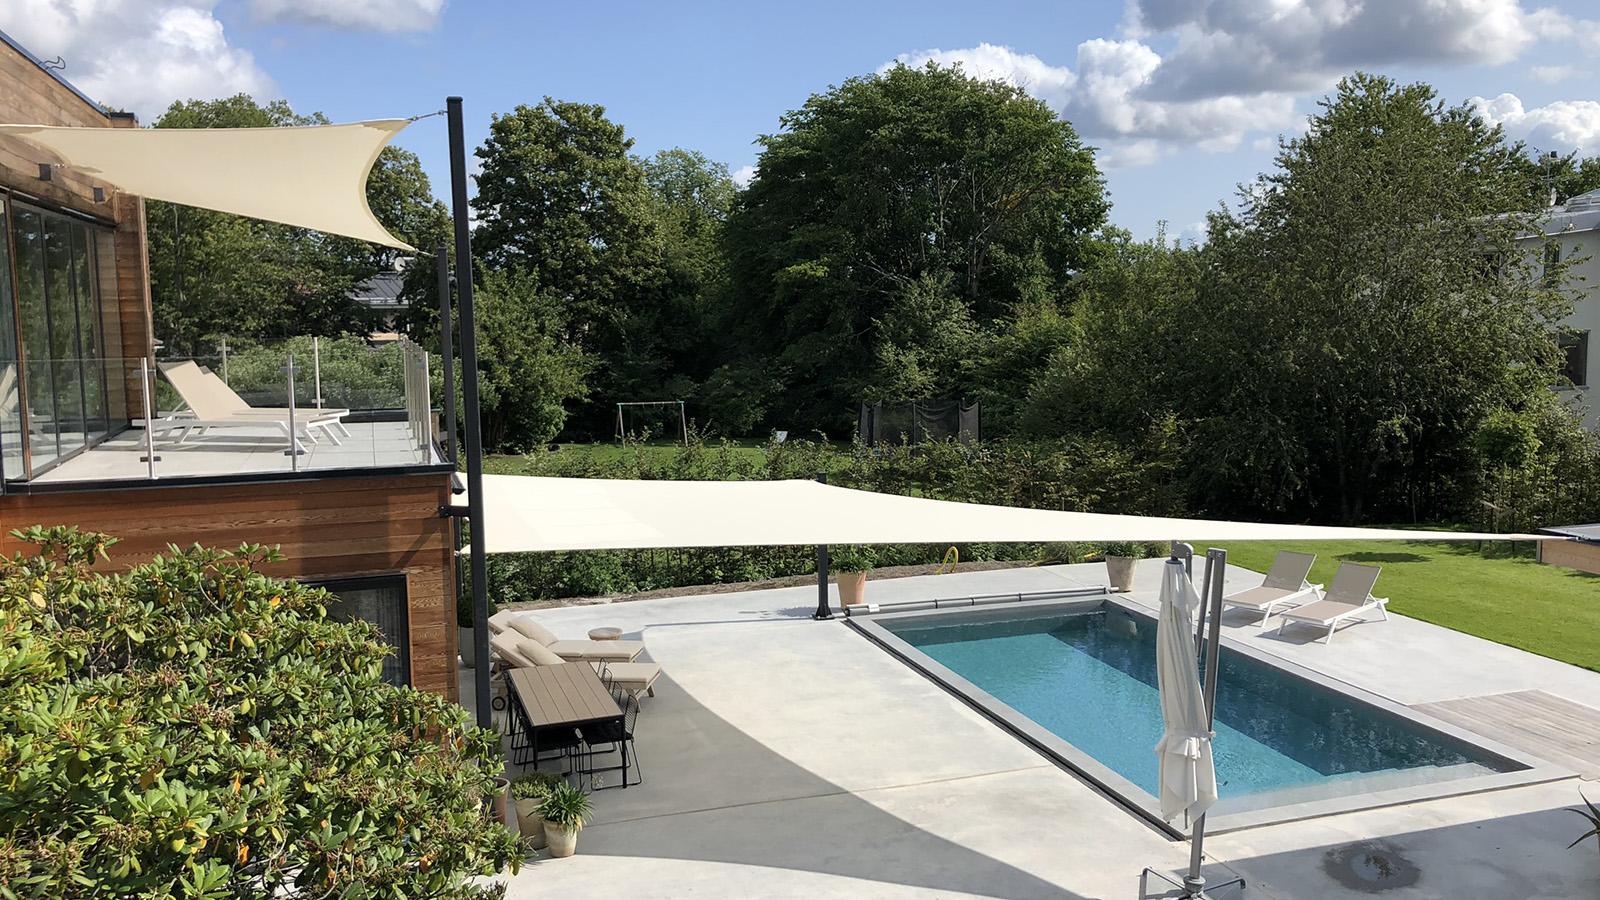 Solsegel pool och terass